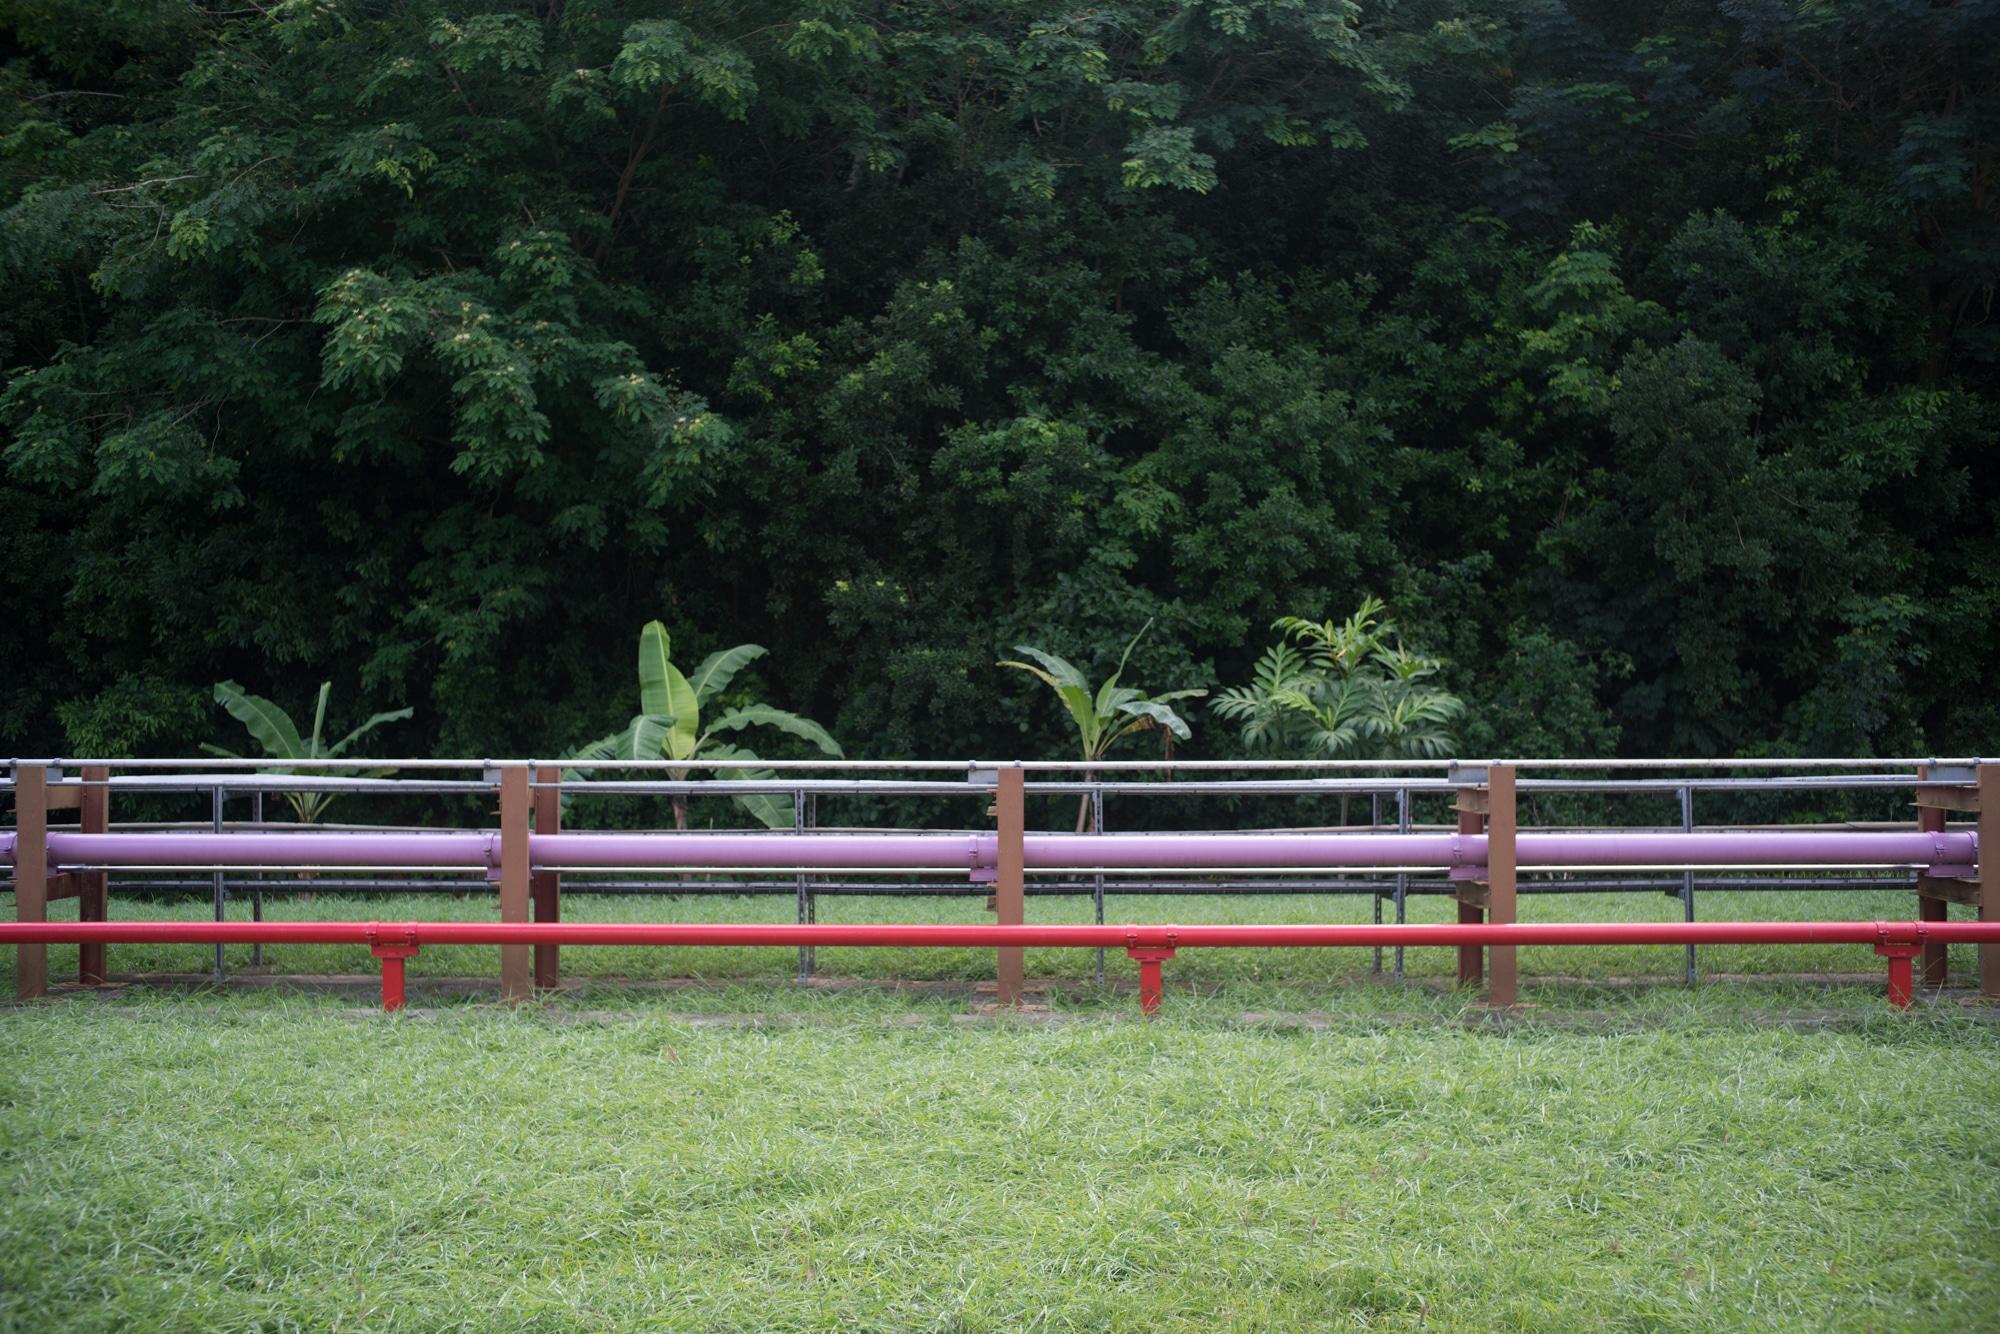 Vue extérieure : des tuyaux courent le long d'une pelouse verte. À l'arrière, une forêt luxuriante.